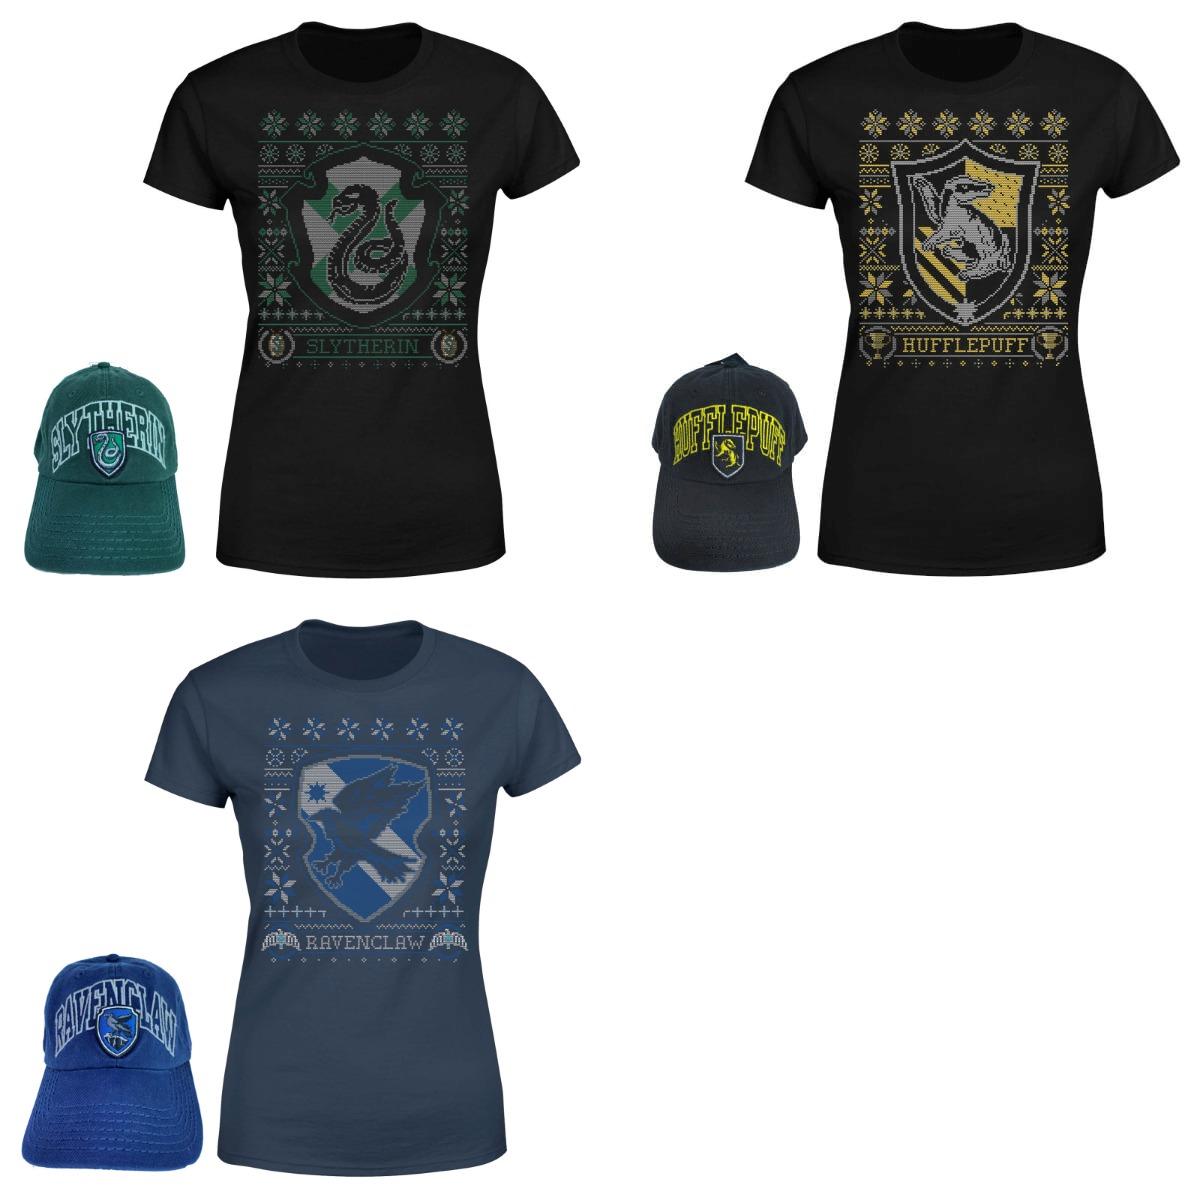 Lot de 1 t-shirt + 1 casquette Harry Potter en promotion (Serpentard, Poufsouffle ou Serdaigle) - Pour Homme, Femme et Enfant